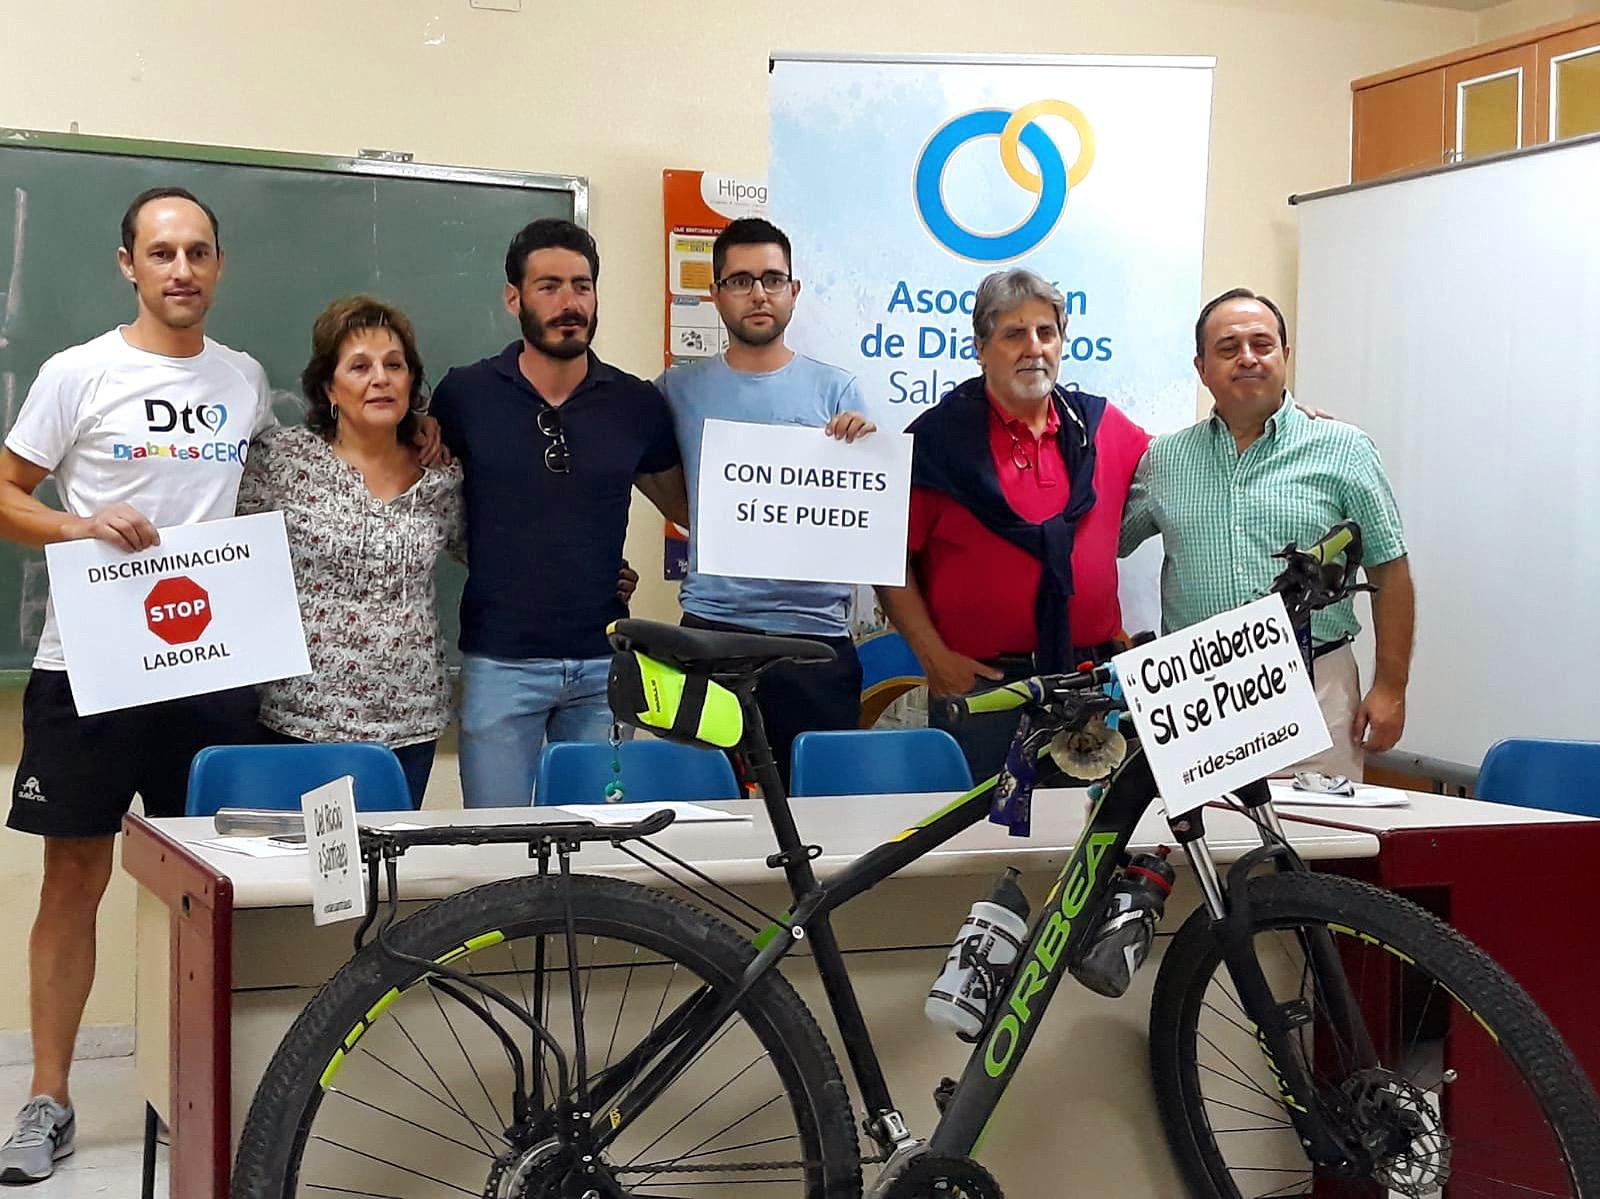 García ha realizado 1.200 kilómetros del Camino de Santiago para demostrar su capacidad física y desmitificar los efectos de su enfermedad.